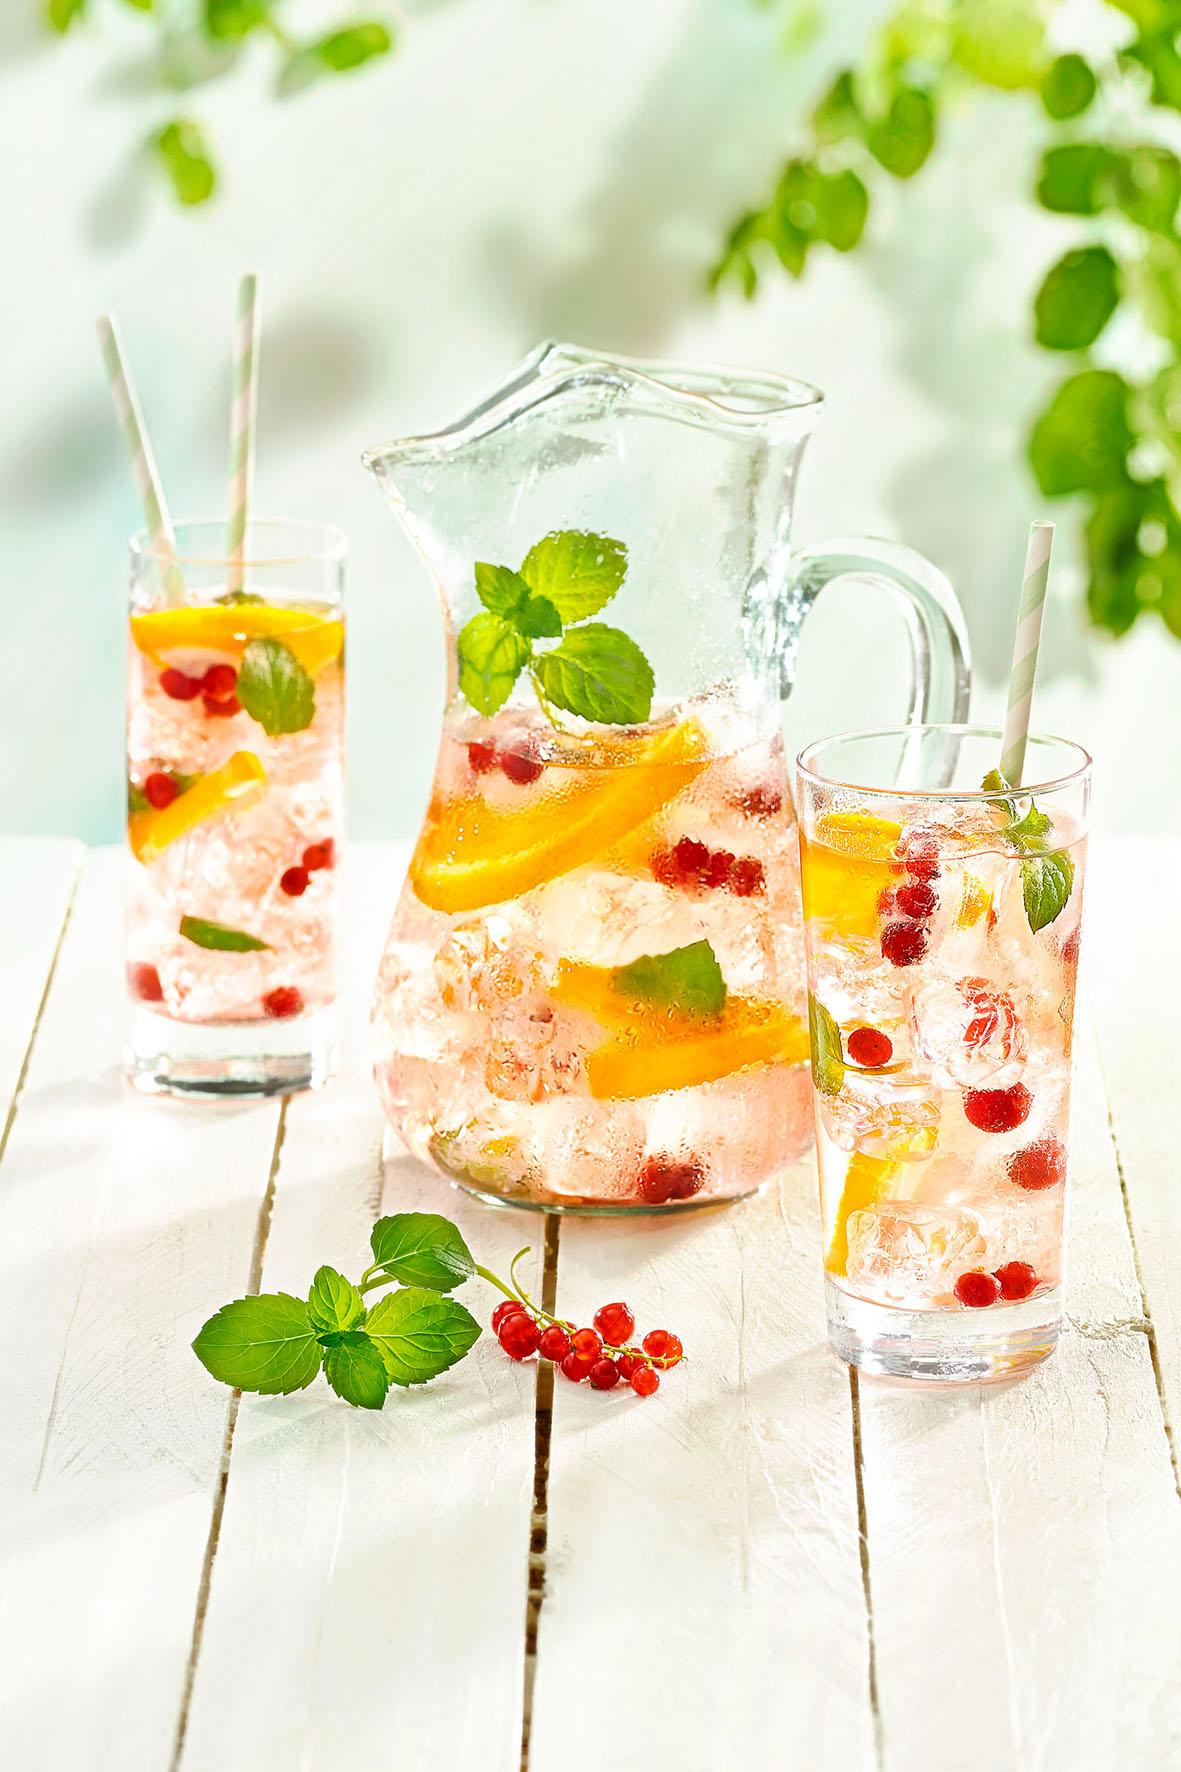 Mit ein paar Zutaten lässt sich aus einem simplen Glas Leitungswasser ein erfrischender Drink zaubern.